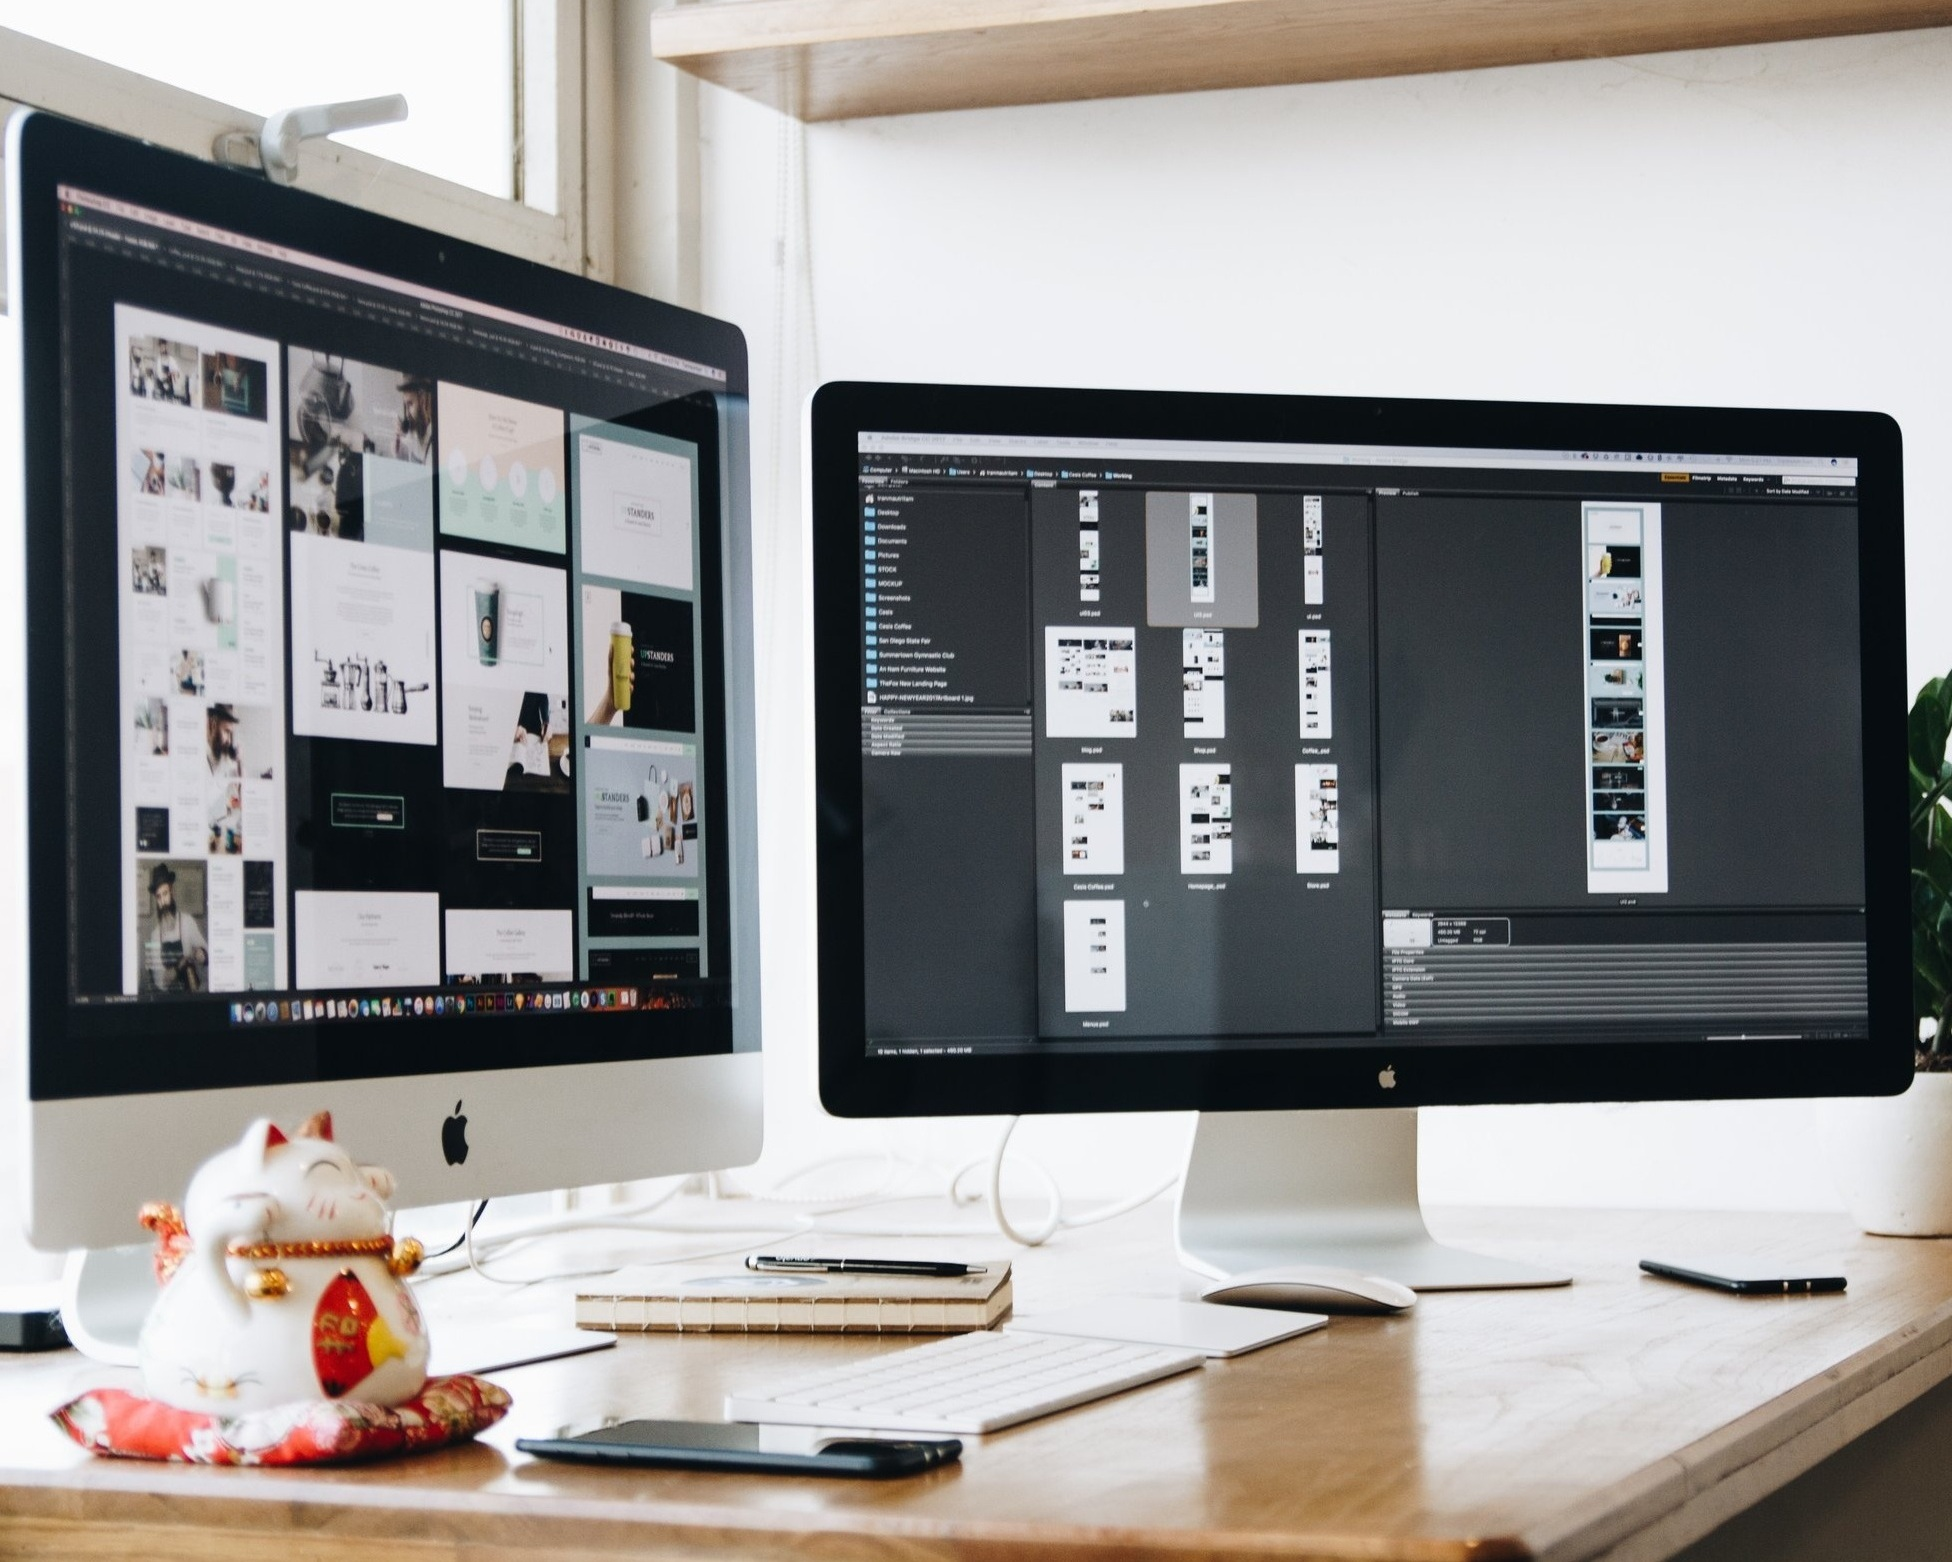 creation-de-votre-site-web-kevin-tonon.jpg